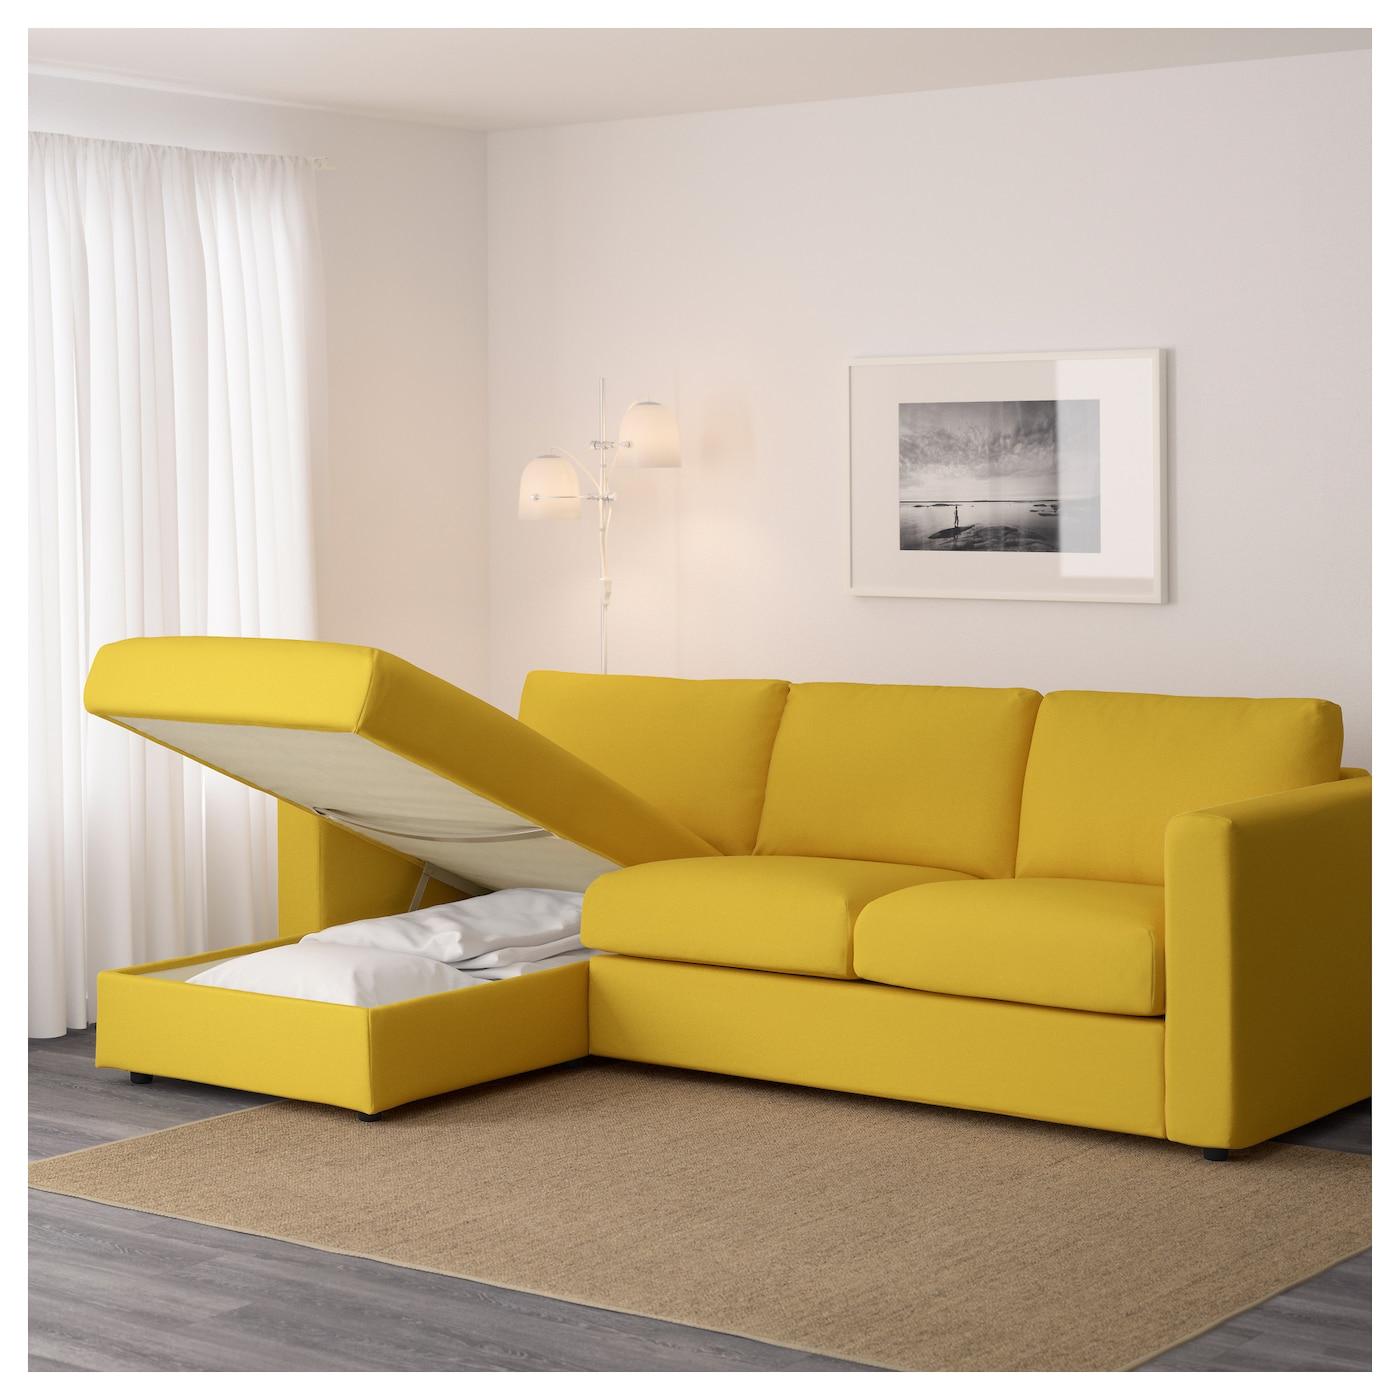 Beautiful sofa cushion covers washing machine sectional for Sofa cushion covers washing machine